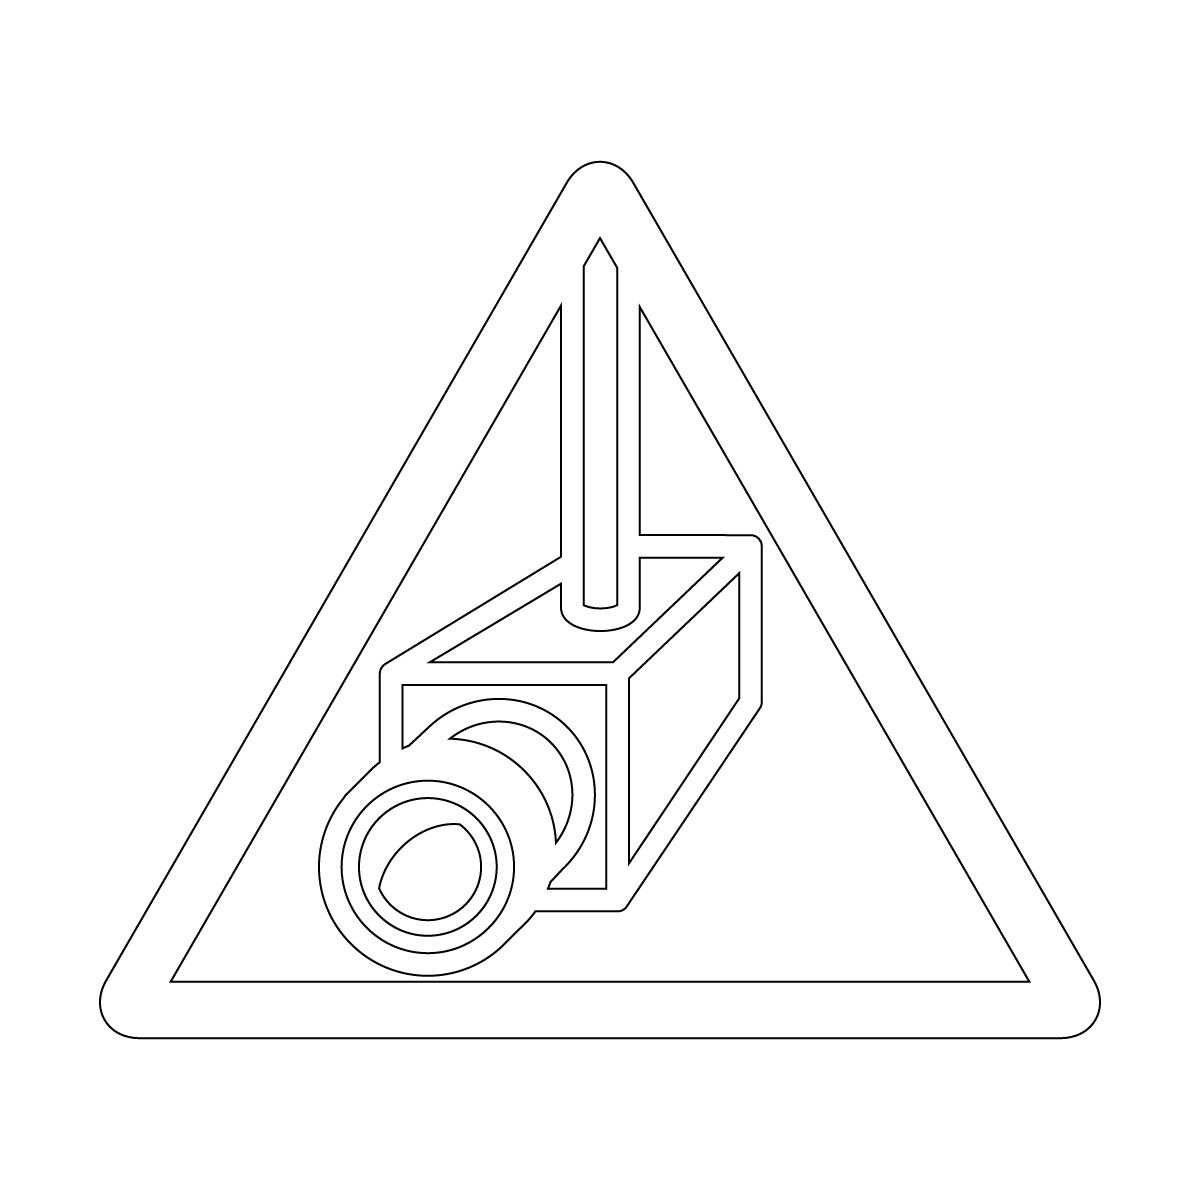 白い防犯カメラ・盗難抑止の注意マーク